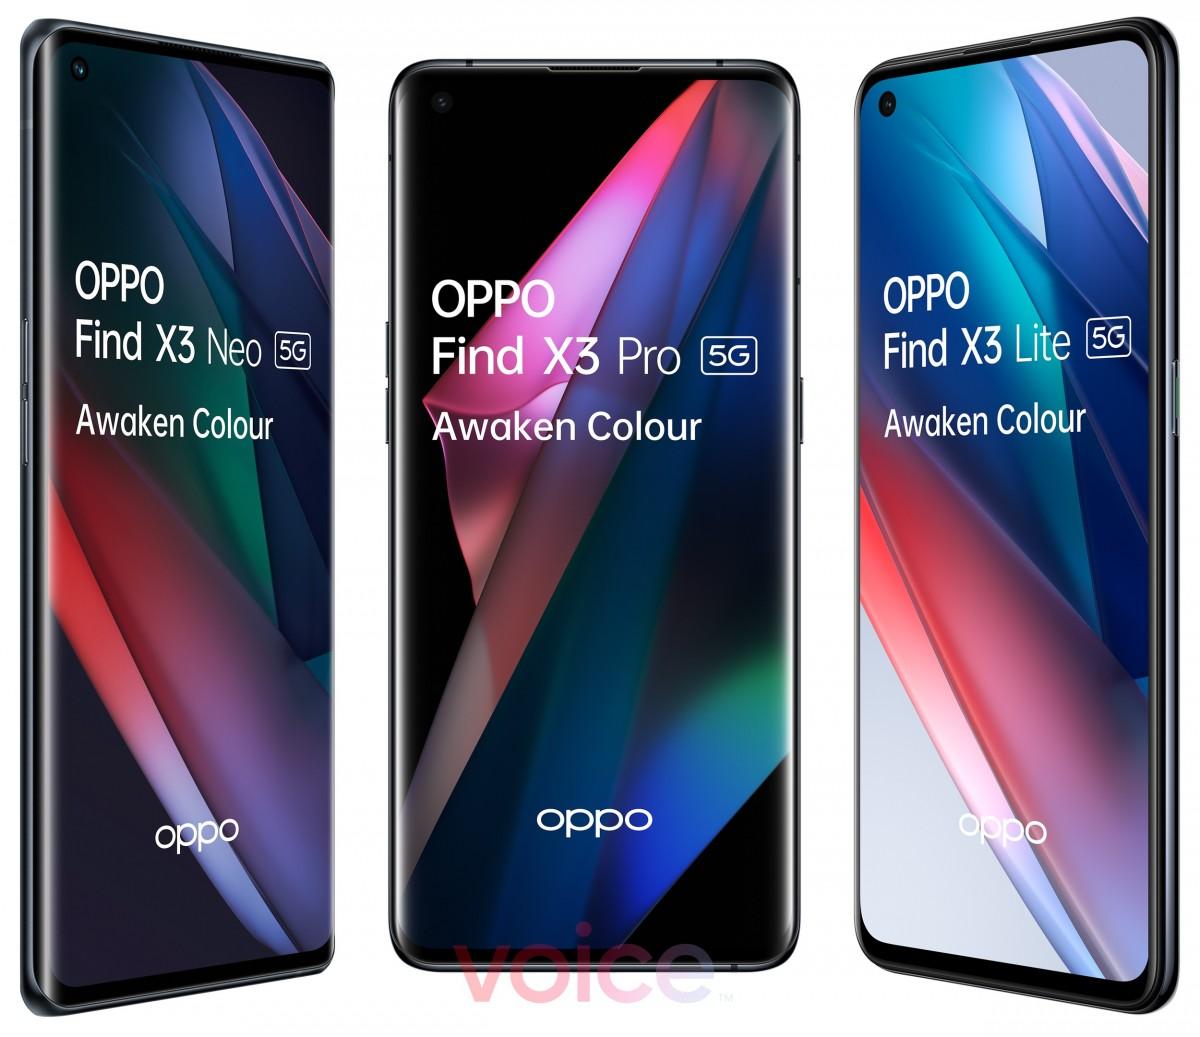 Oppo Find X3 Pro membintangi gambar yang tampak resmi